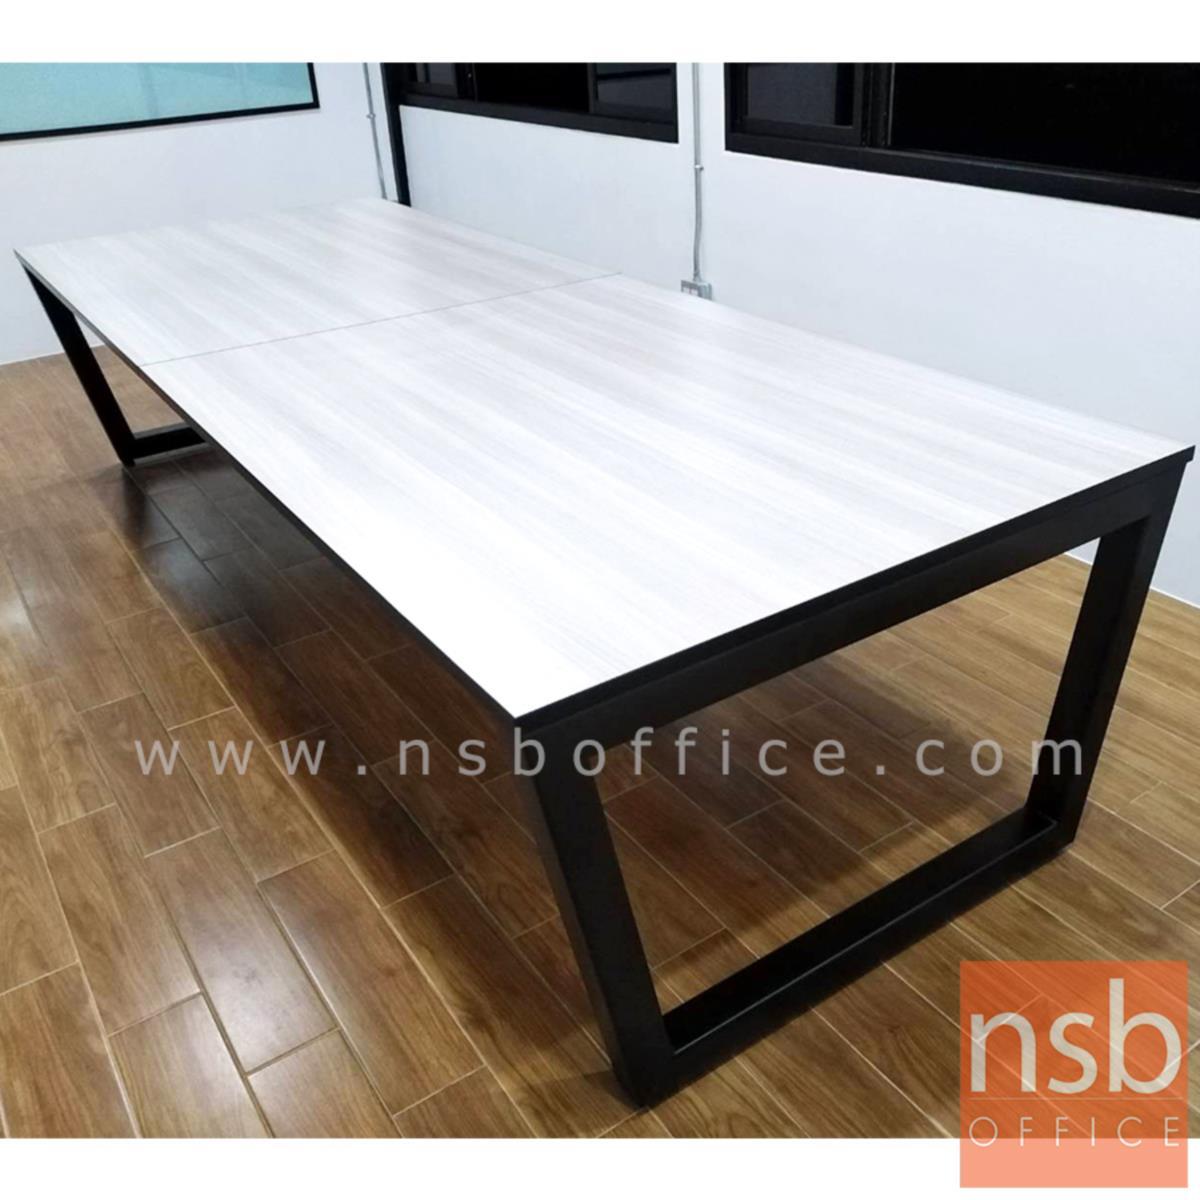 โต๊ะประชุมทรงสี่เหลี่ยม  ขนาด 200W ,240W ,300W ,360W 400W cm.  ขาเหล็กทรงคางหมู